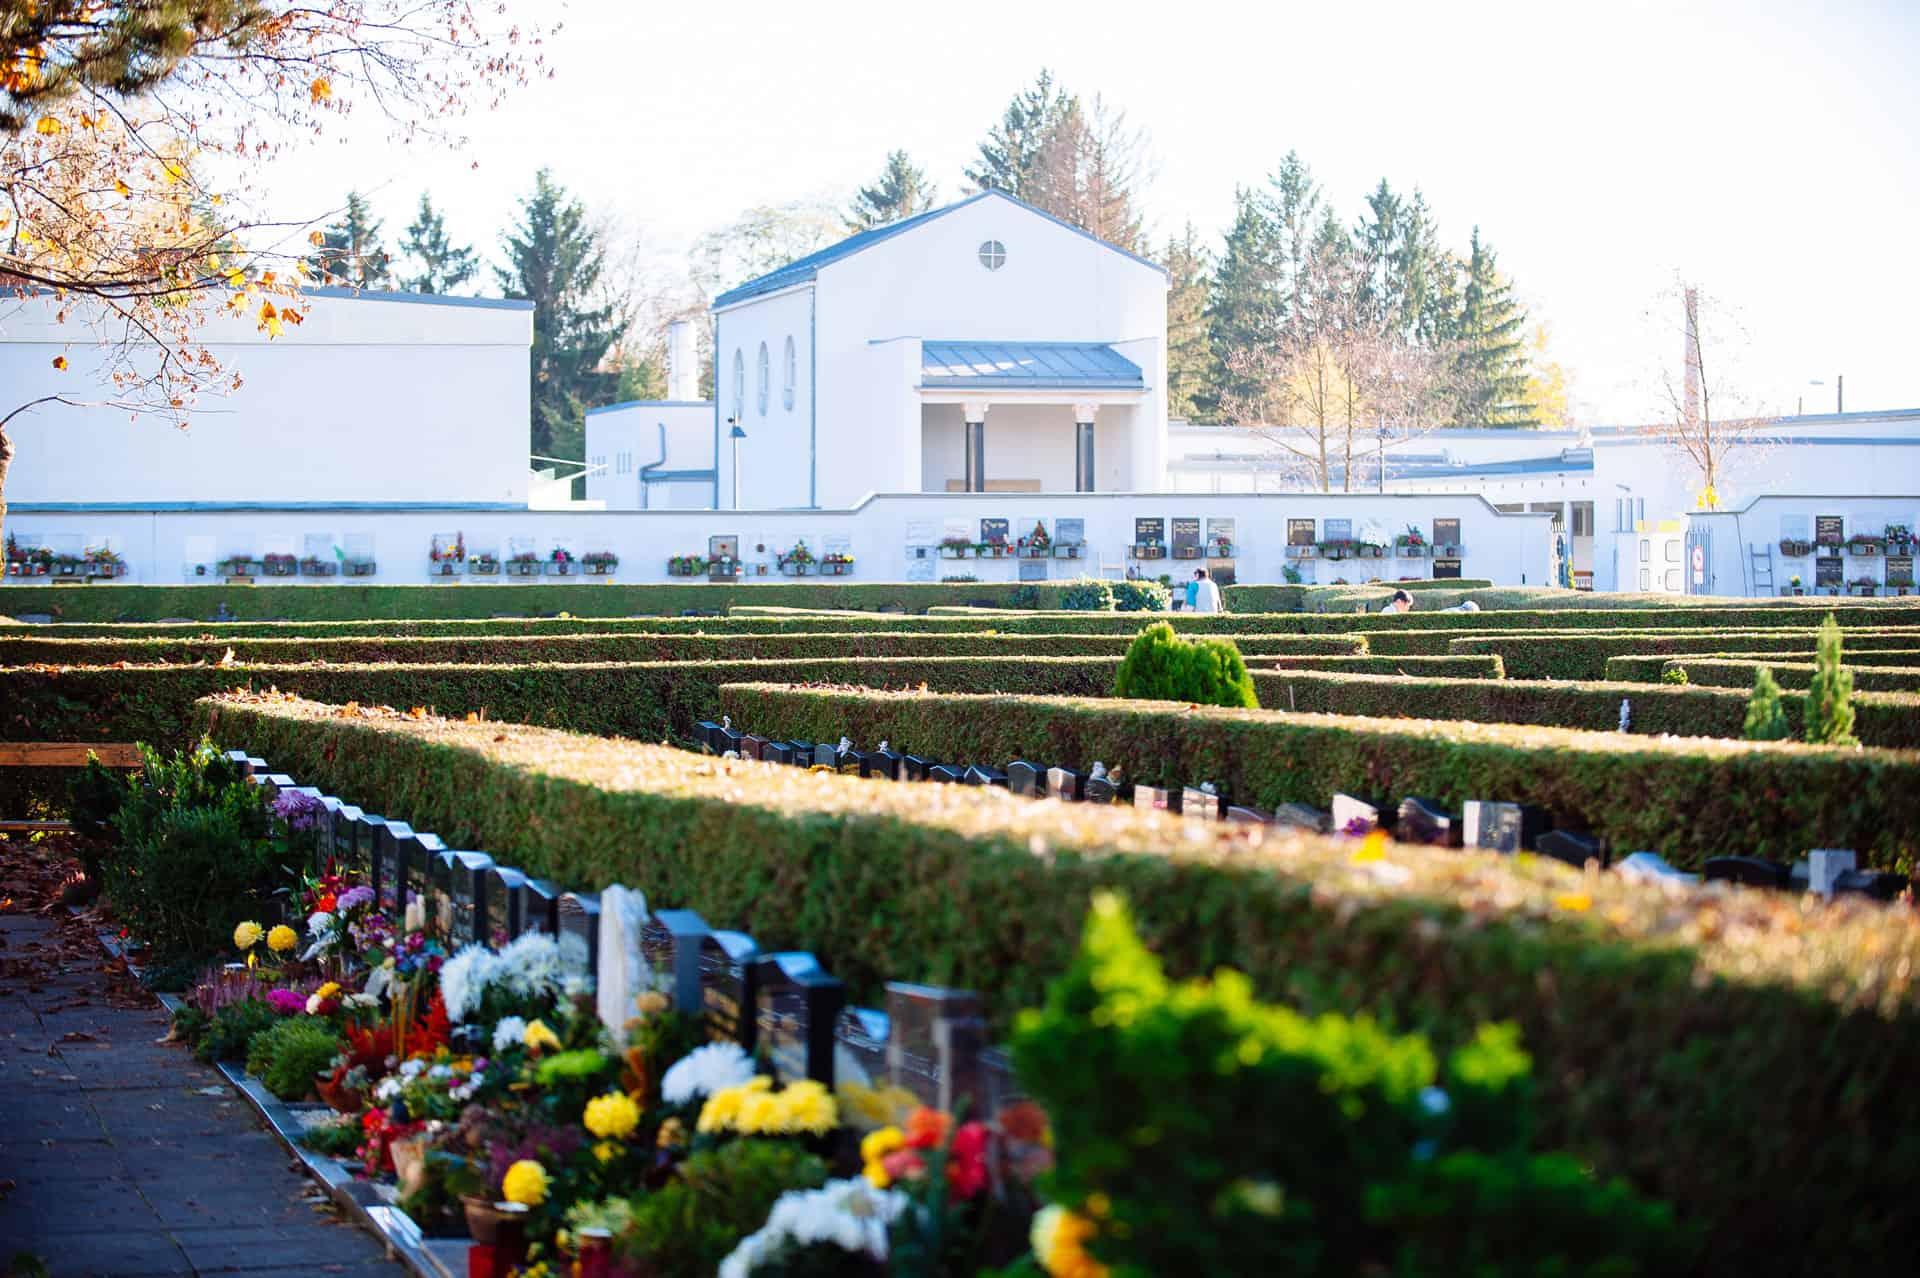 Holding Graz Bestattung - Urnenfriedhof - Bestattung - Feuerbestattung - Bestattung Graz 13